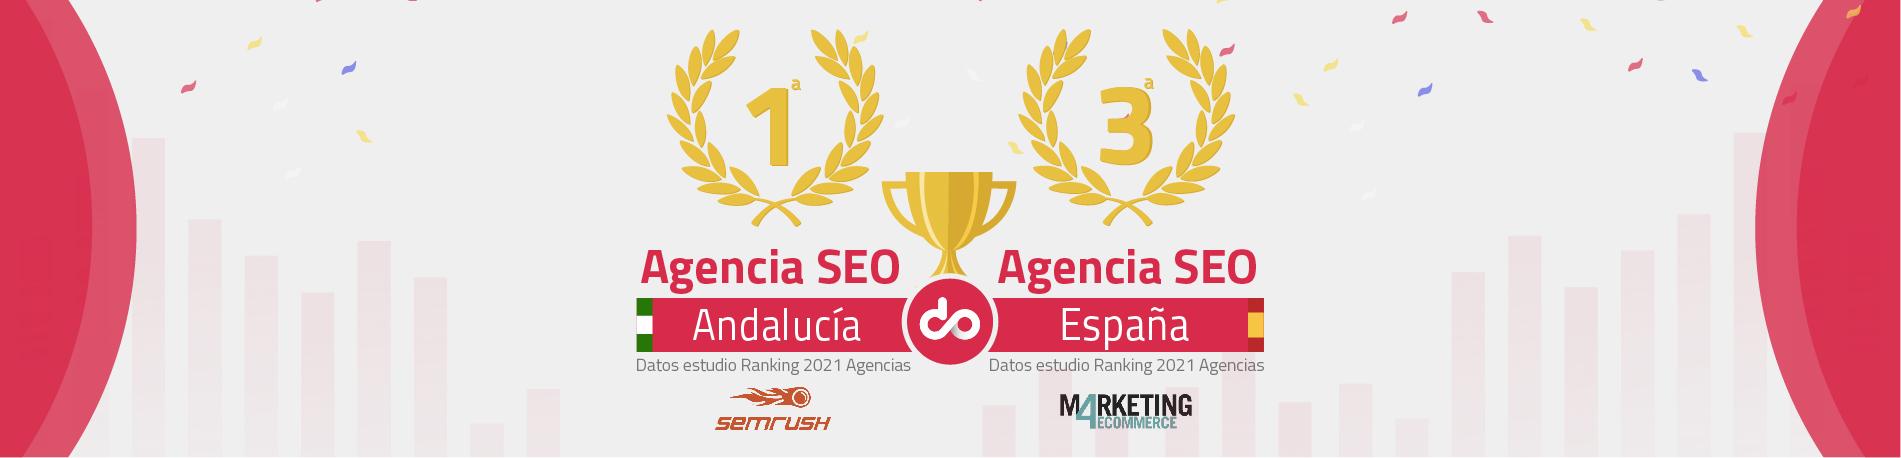 Agencia SEO Sevilla